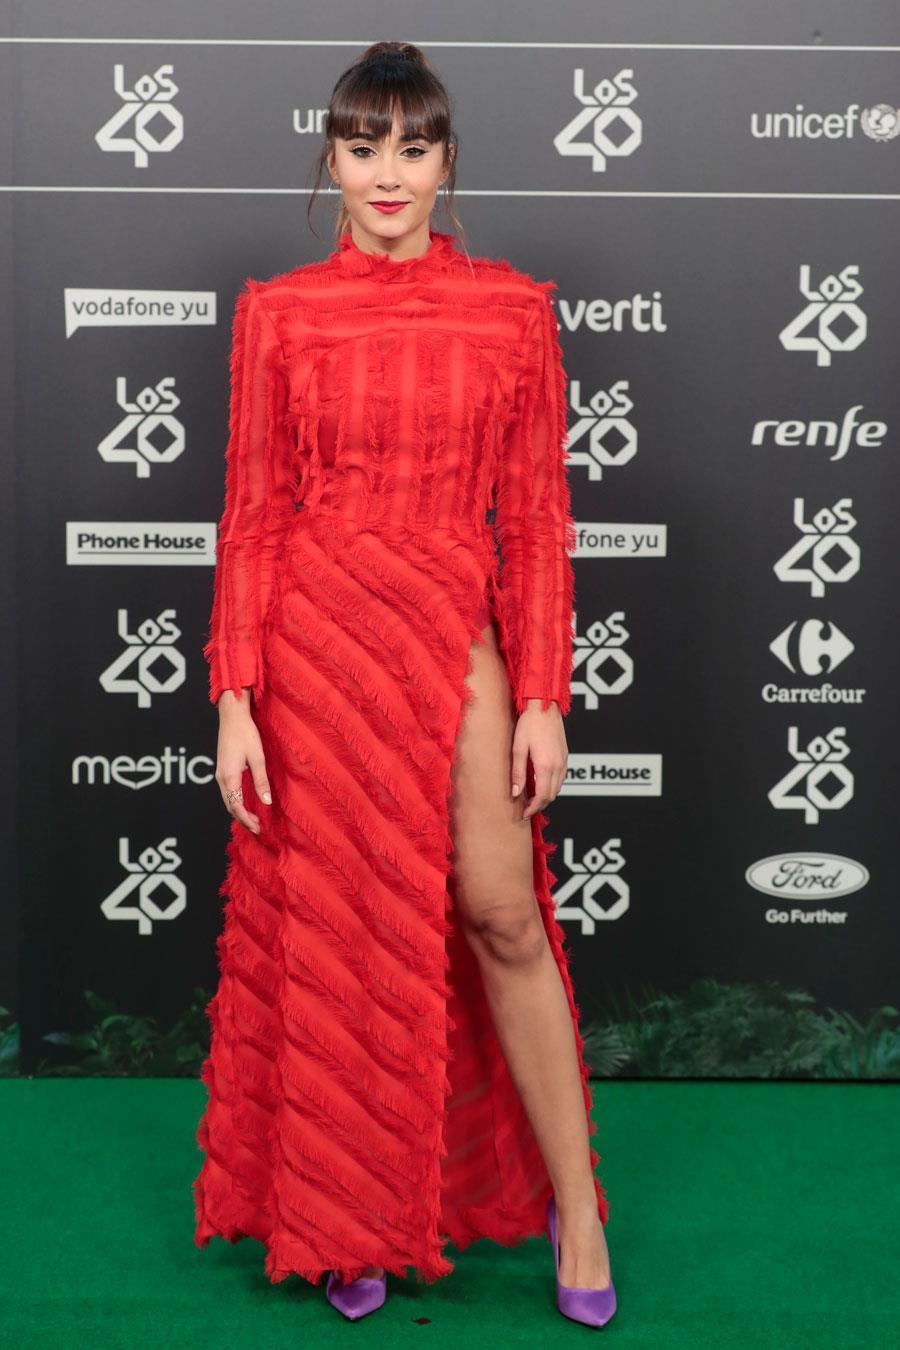 Cómo Combinar Un Vestido Rojo Bolso Zapatos Joyas Y Otros